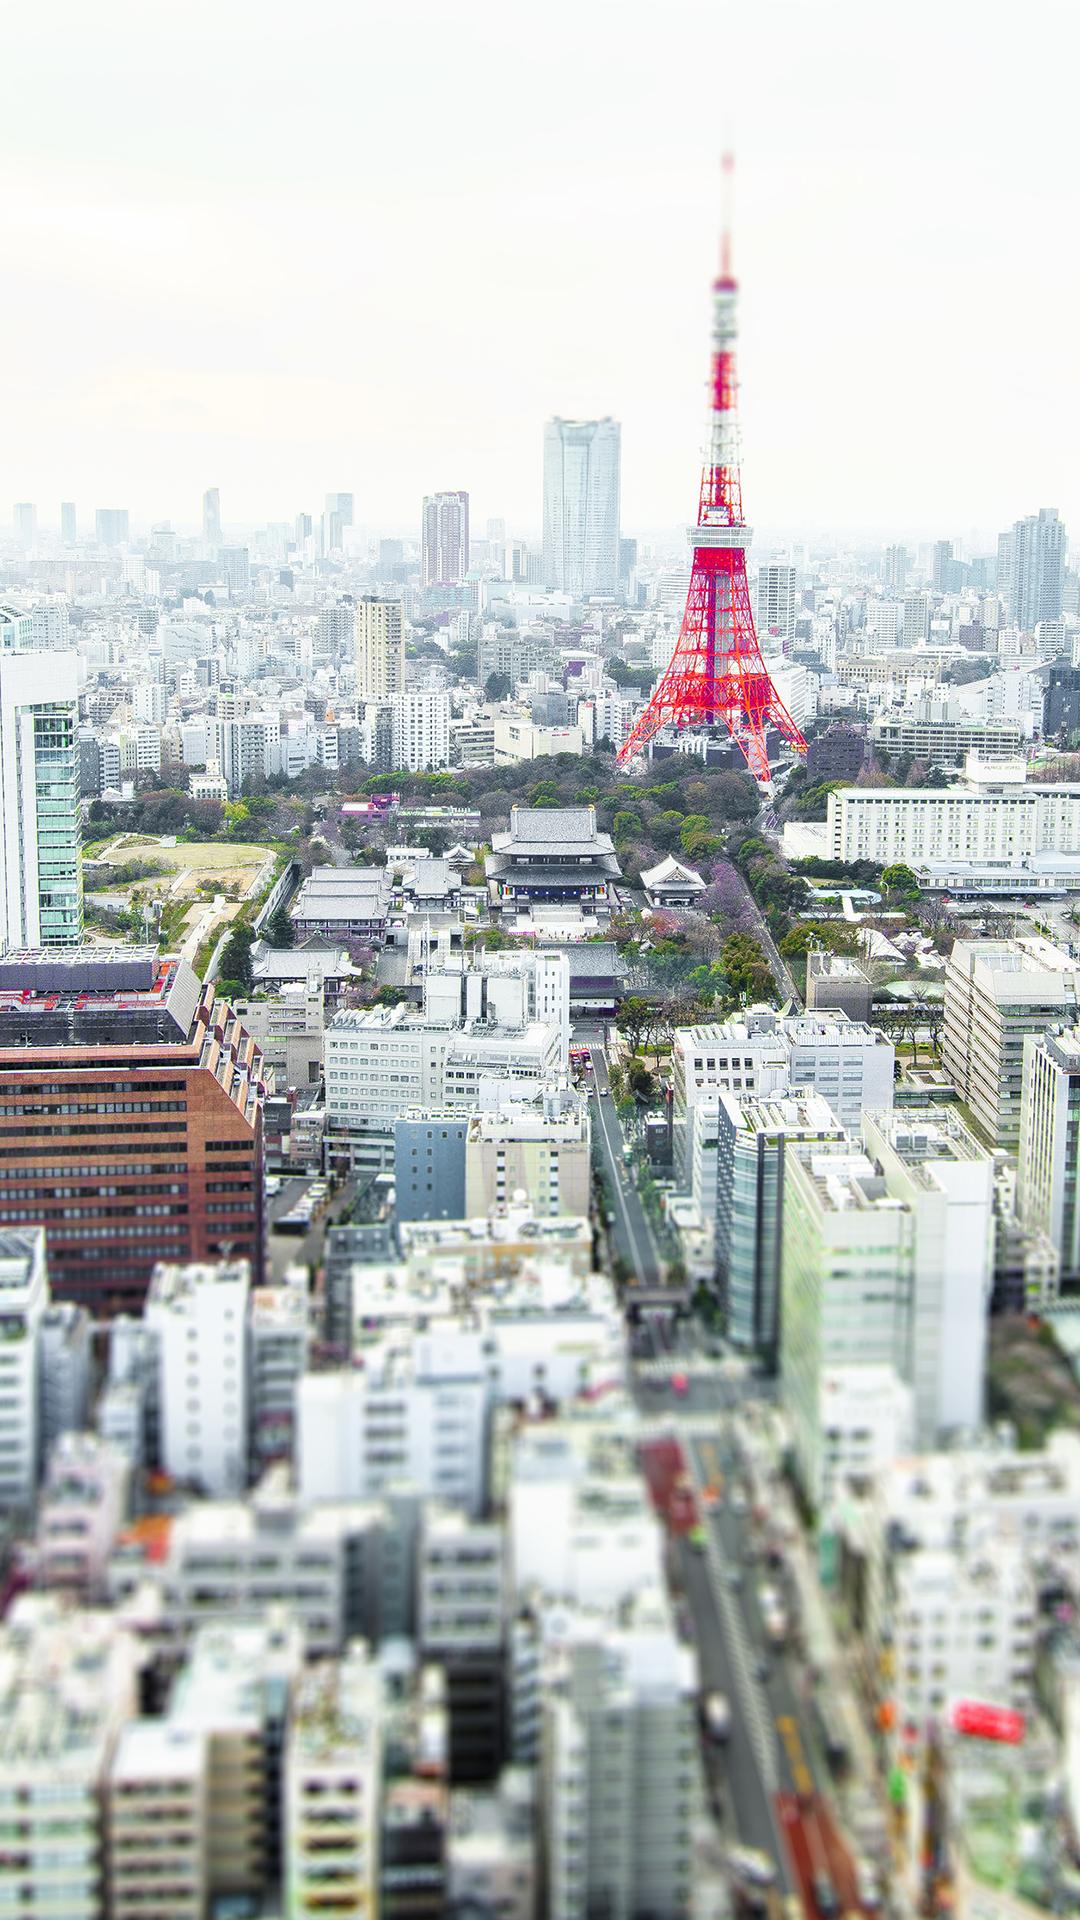 東京のスマホ無料壁紙 N33 1080 19サイズ アンドロイド推奨 フォトック